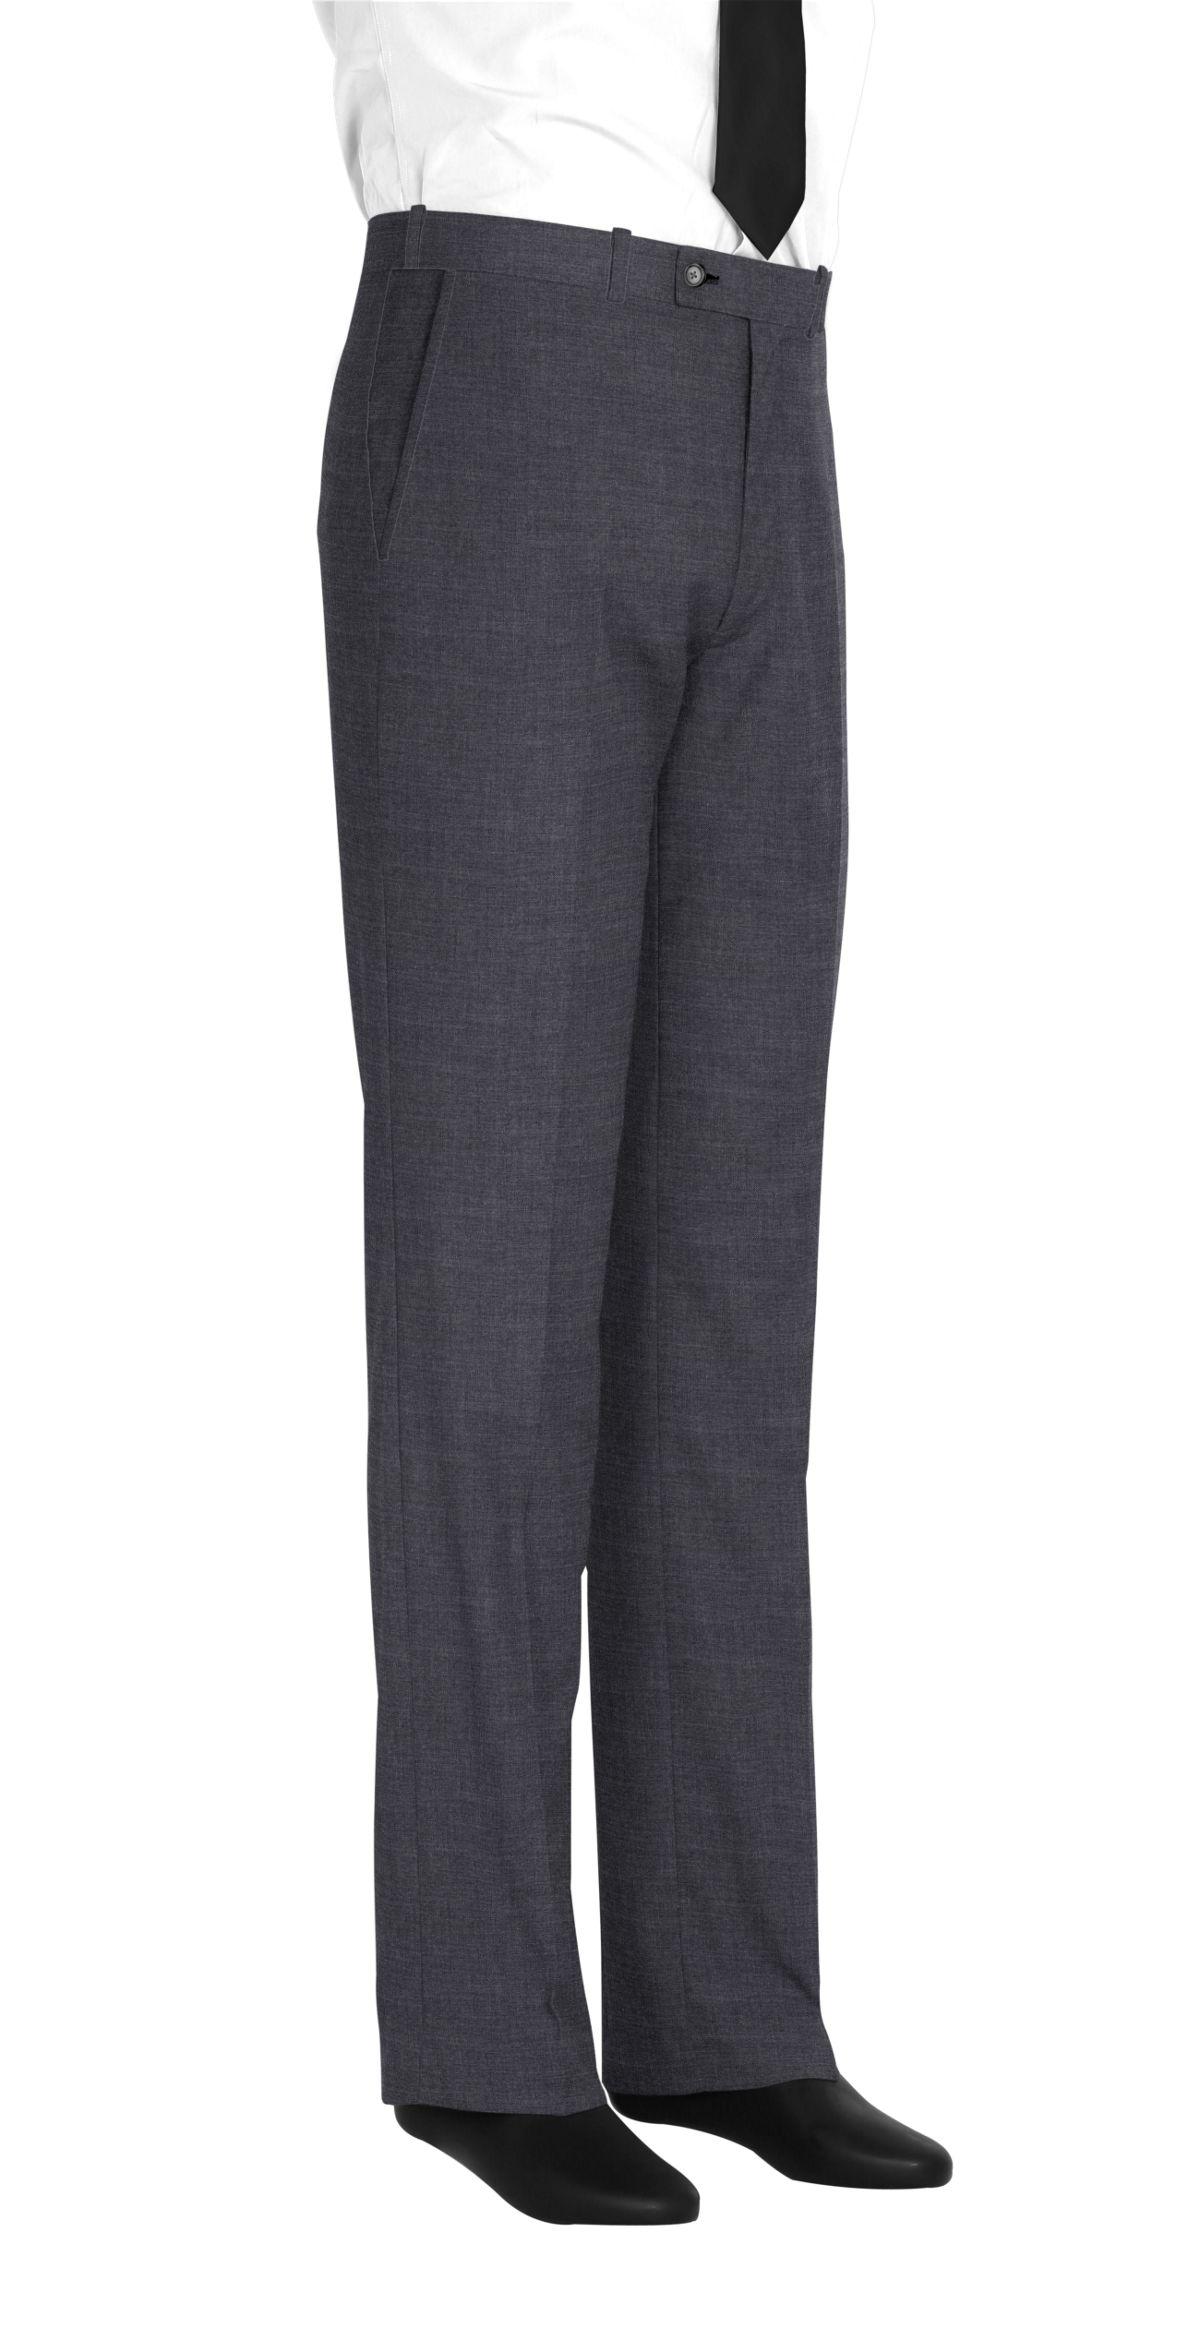 Pantalon gris uni